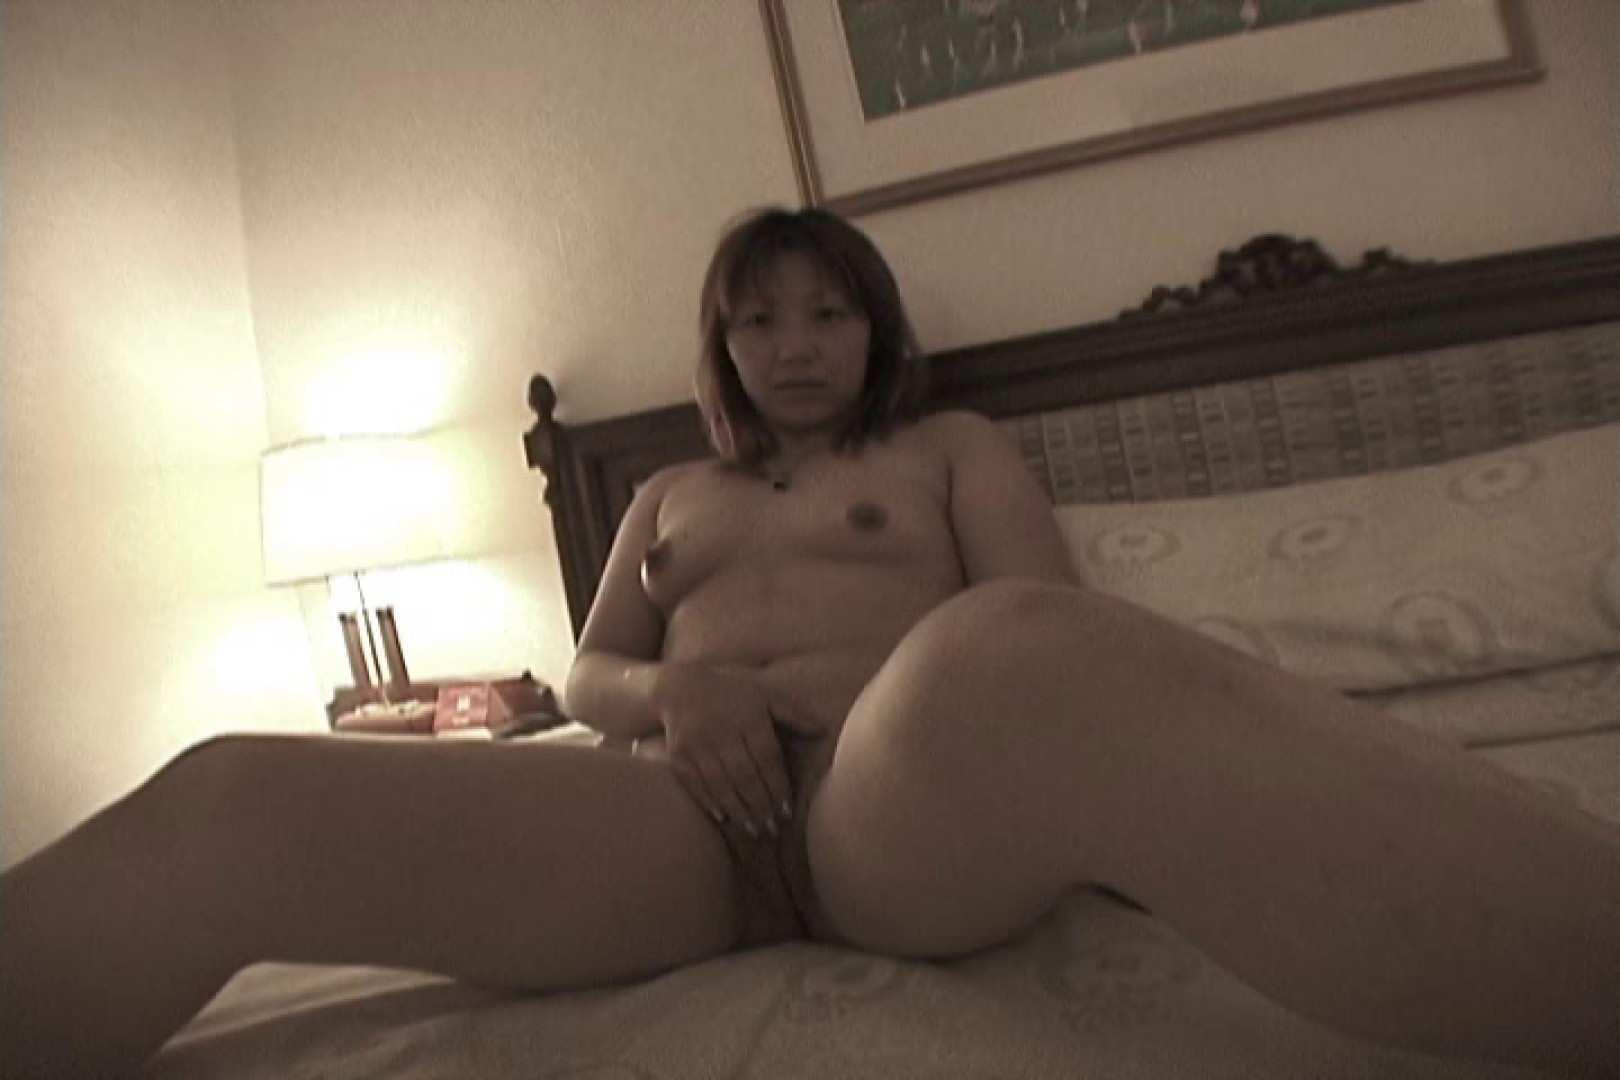 ツンデレ素人嬢もチンポには弱い~増田あけみ~ 素人 性交動画流出 75連発 50